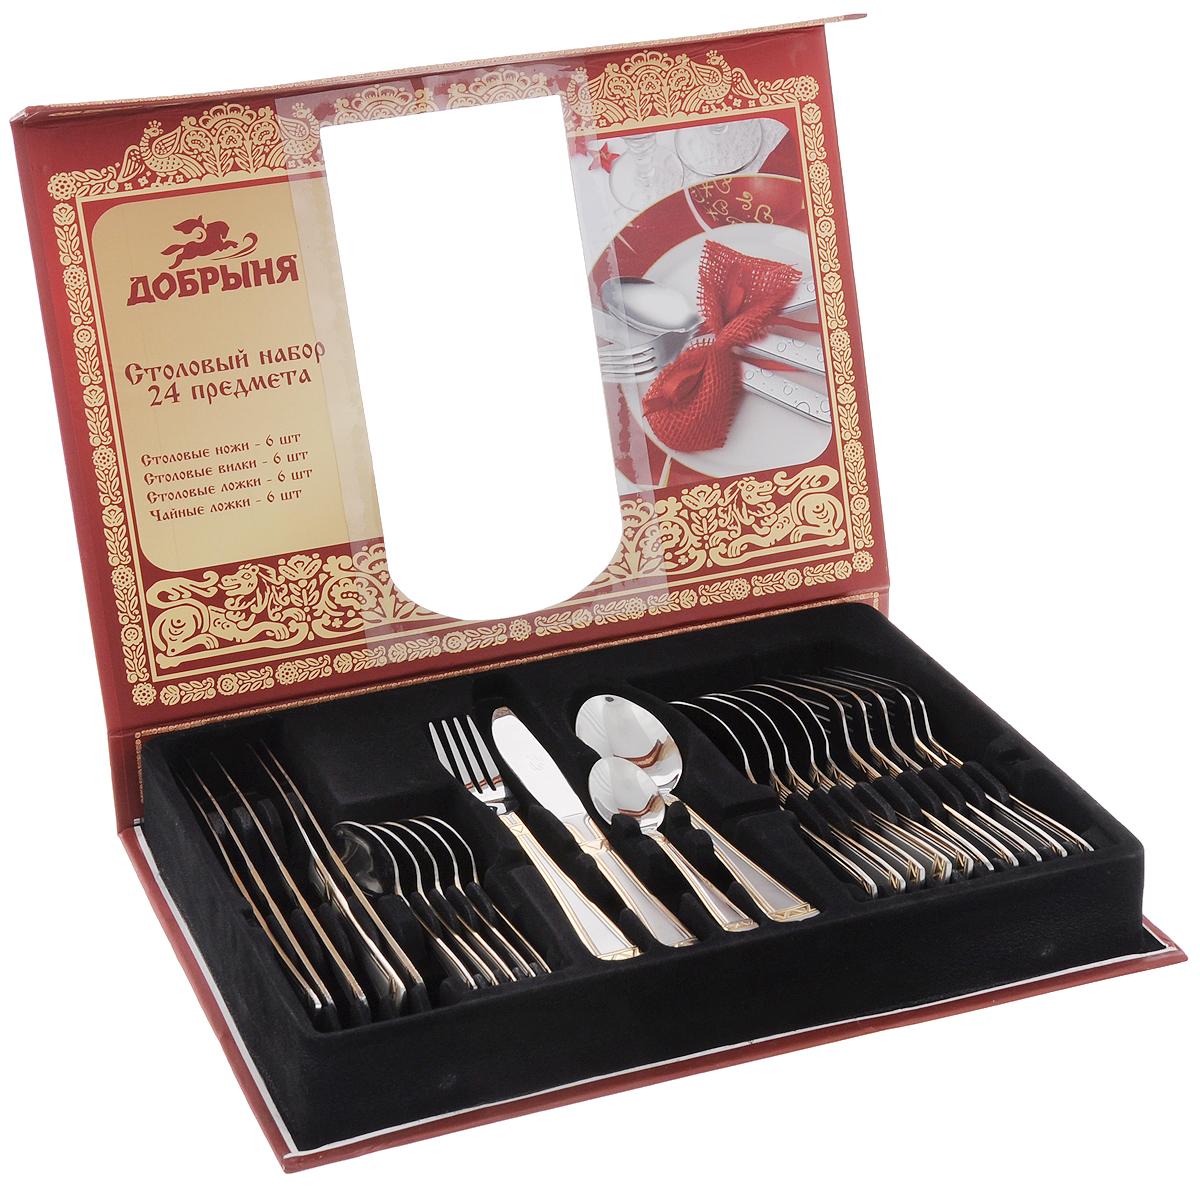 Набор столовых приборов Добрыня, 24 предмета. DO-1901115610Набор Добрыня состоит из 24 предметов: 6 столовых ножей, 6 столовых ложек, 6 вилок и 6 чайных ложек. Приборы выполнены из высококачественной нержавеющей стали. Ручки приборов украшены красивым рельефным узором с матовым покрытием и золотистой окантовкой. Прекрасное сочетание контрастного дизайна и удобство использования изделий придется по душе каждому. Набор столовых приборов Добрыня подойдет для сервировки стола как дома, так и на даче и всегда будет важной частью трапезы, а также станет замечательным подарком. Можно мыть в посудомоечной машине.Длина ножа: 21,5 см. Длина лезвия ножа: 9,5 см.Длина столовой ложки: 20 см.Размер рабочей части столовой ложки: 6,5 х 4 см.Длина вилки: 21 см. Размер рабочей части вилки: 5 х 2,5 см.Длина чайной ложки: 14,5 см. Размер рабочей части чайной ложки: 4,5 х 2,5 см.